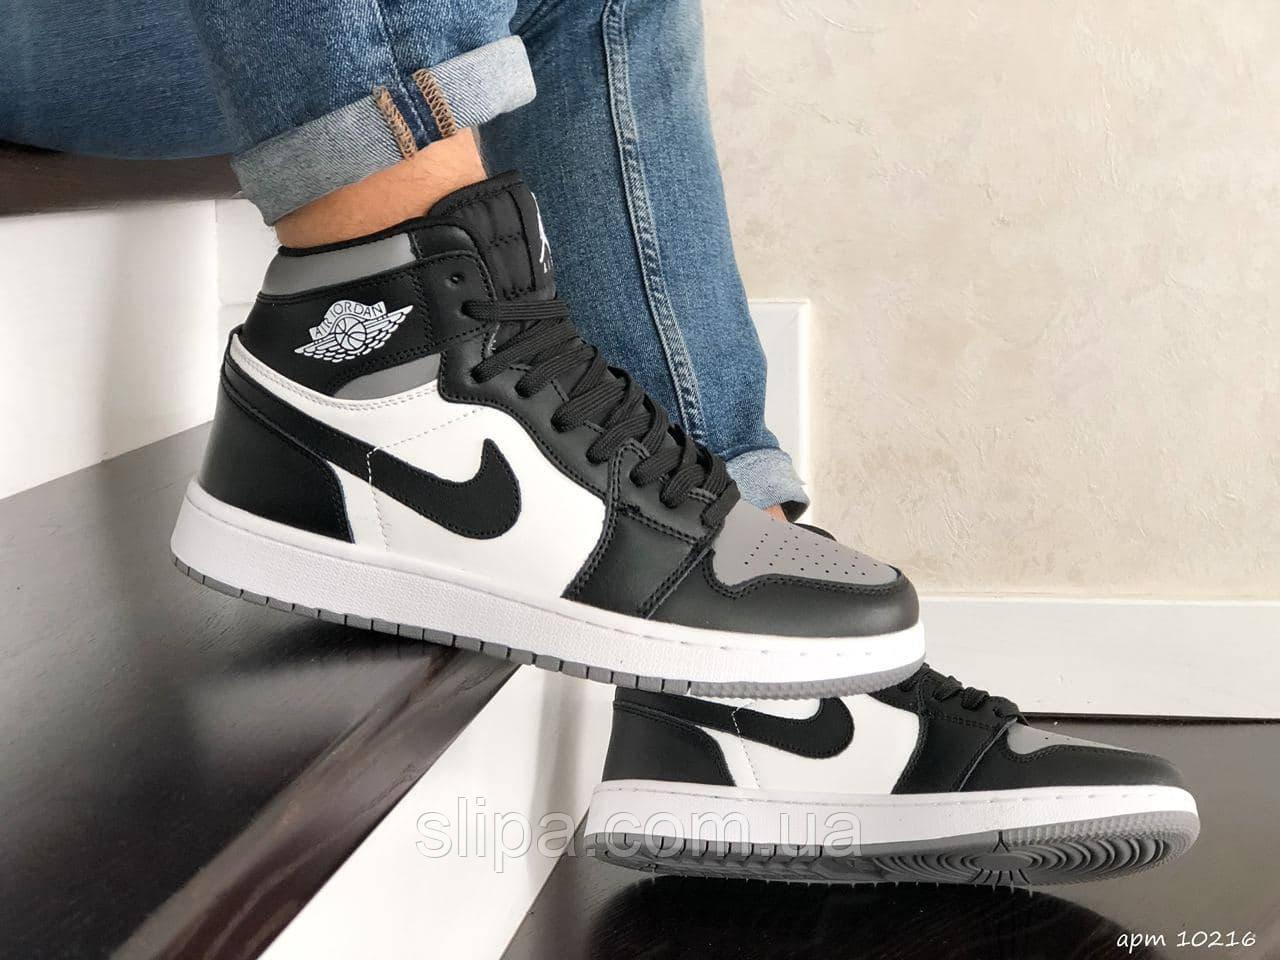 Мужские кожаные кроссовки в стиле Nike Air Jordan чёрные с белым и серым